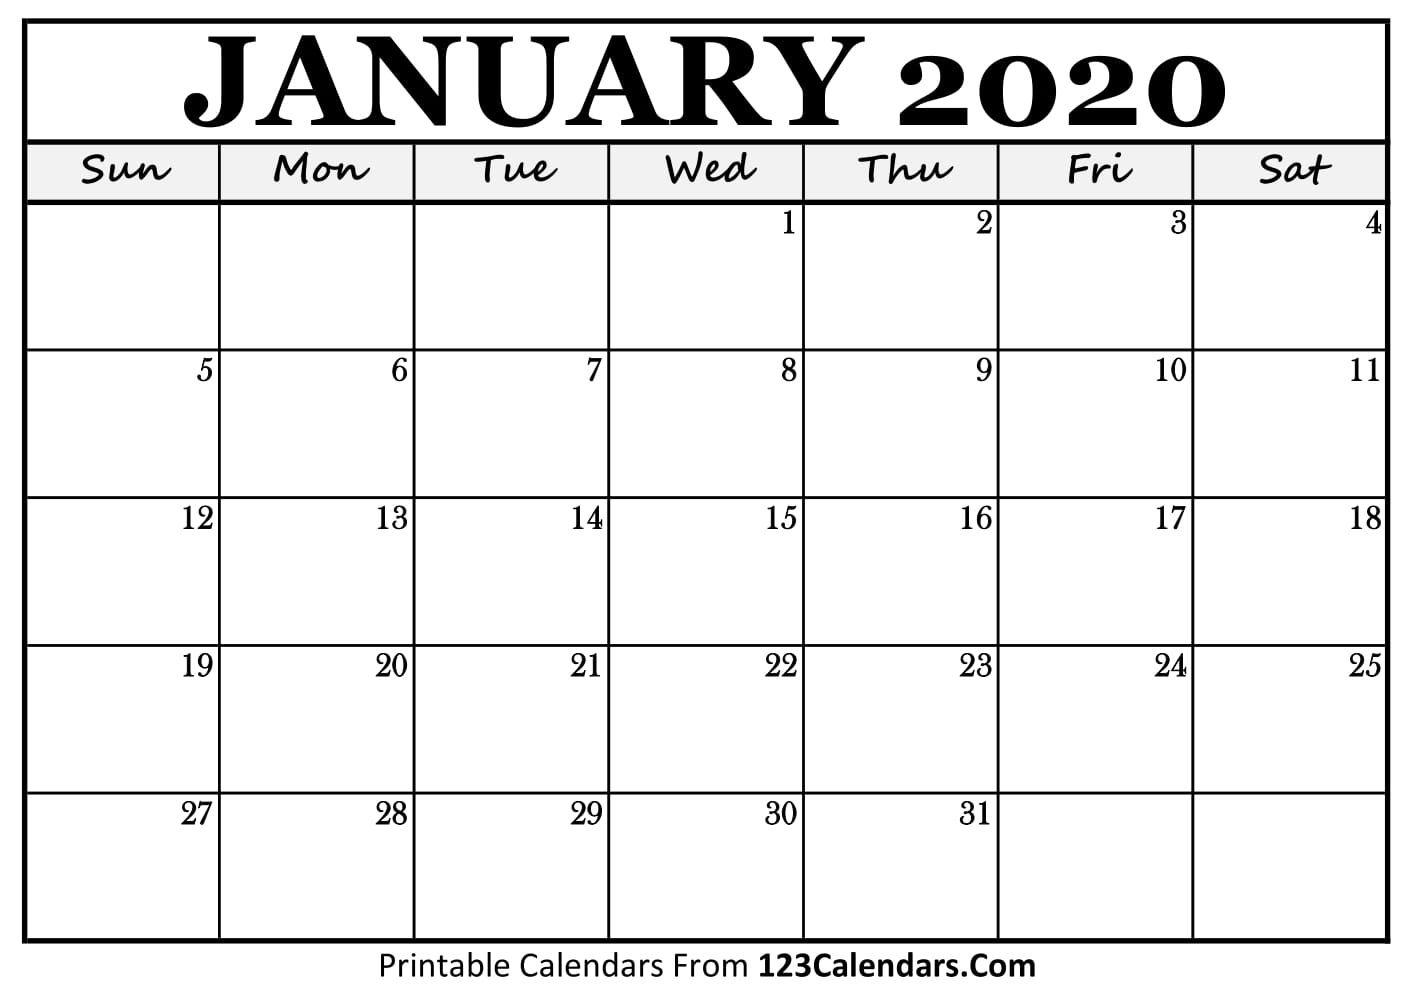 Calendar Template You Can Type In In 2020 | Calendar